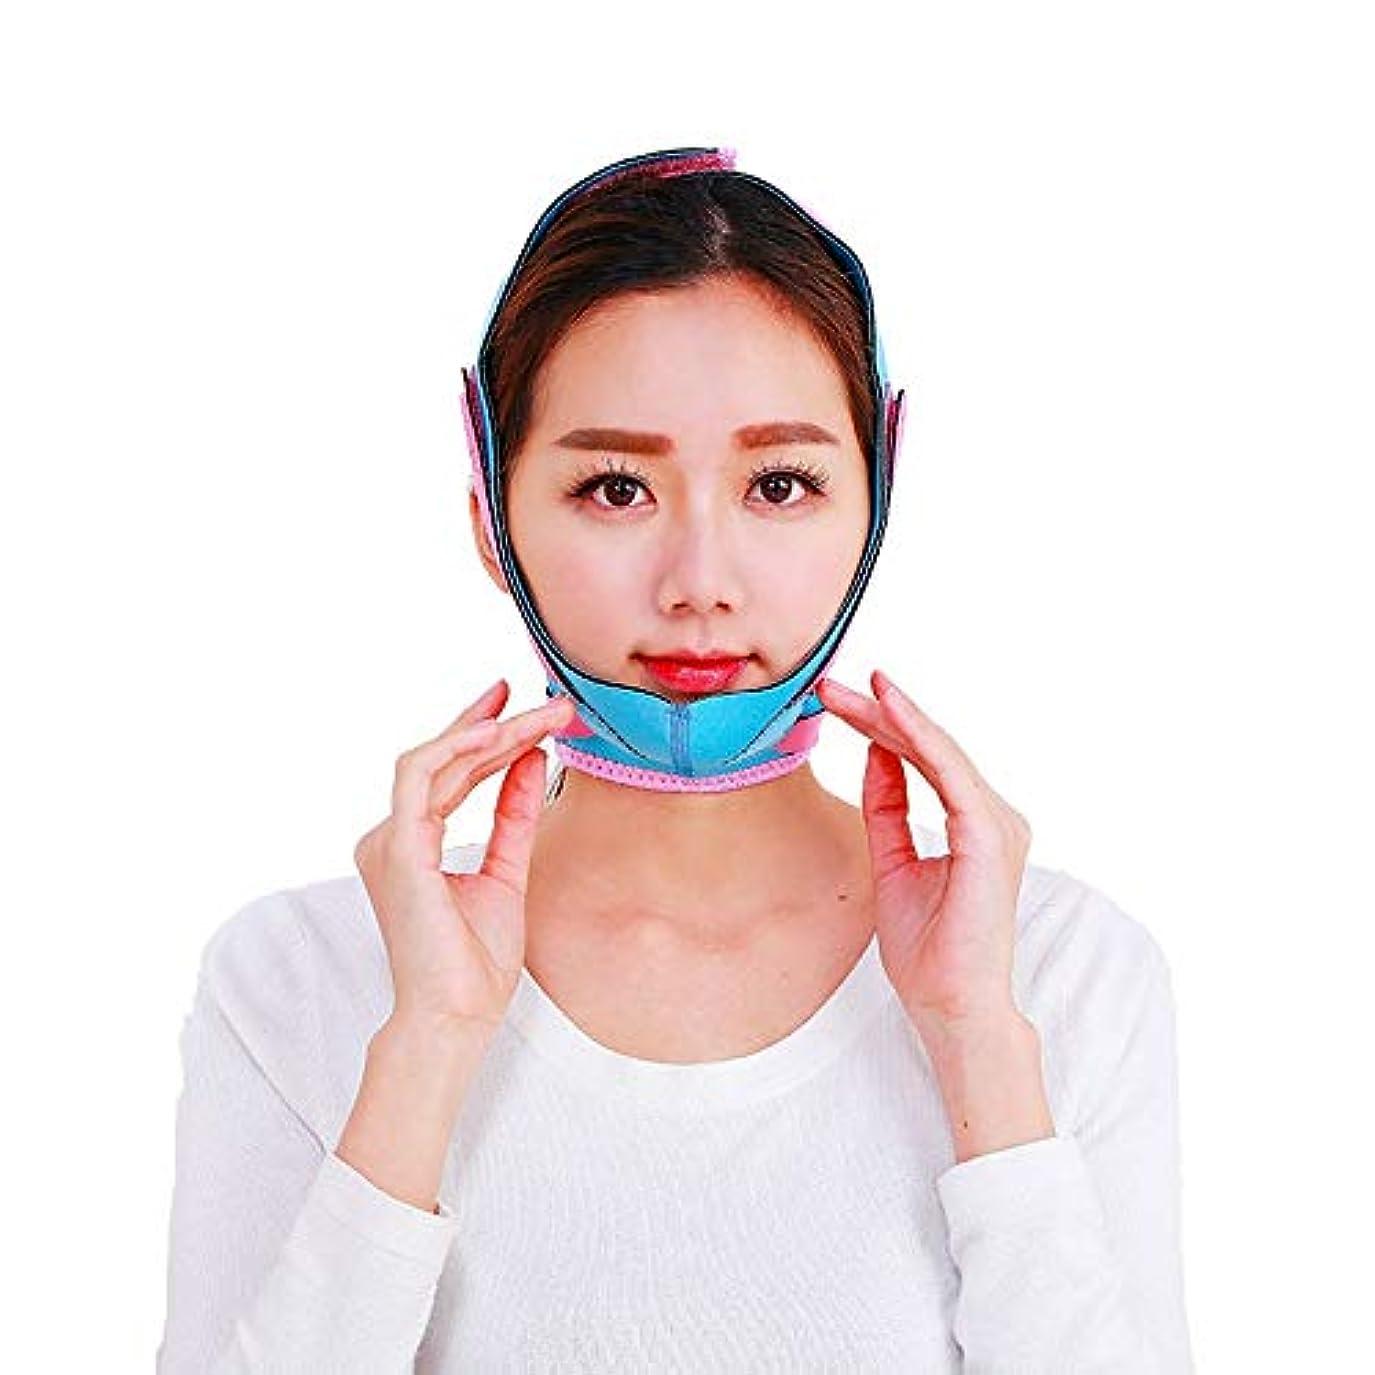 排出どれか地区GYZ フェイスマスクマスクスリムマスクリフティングコンターリリーフドループマッスル引き締め肌弾性Vフェイス包帯 Thin Face Belt